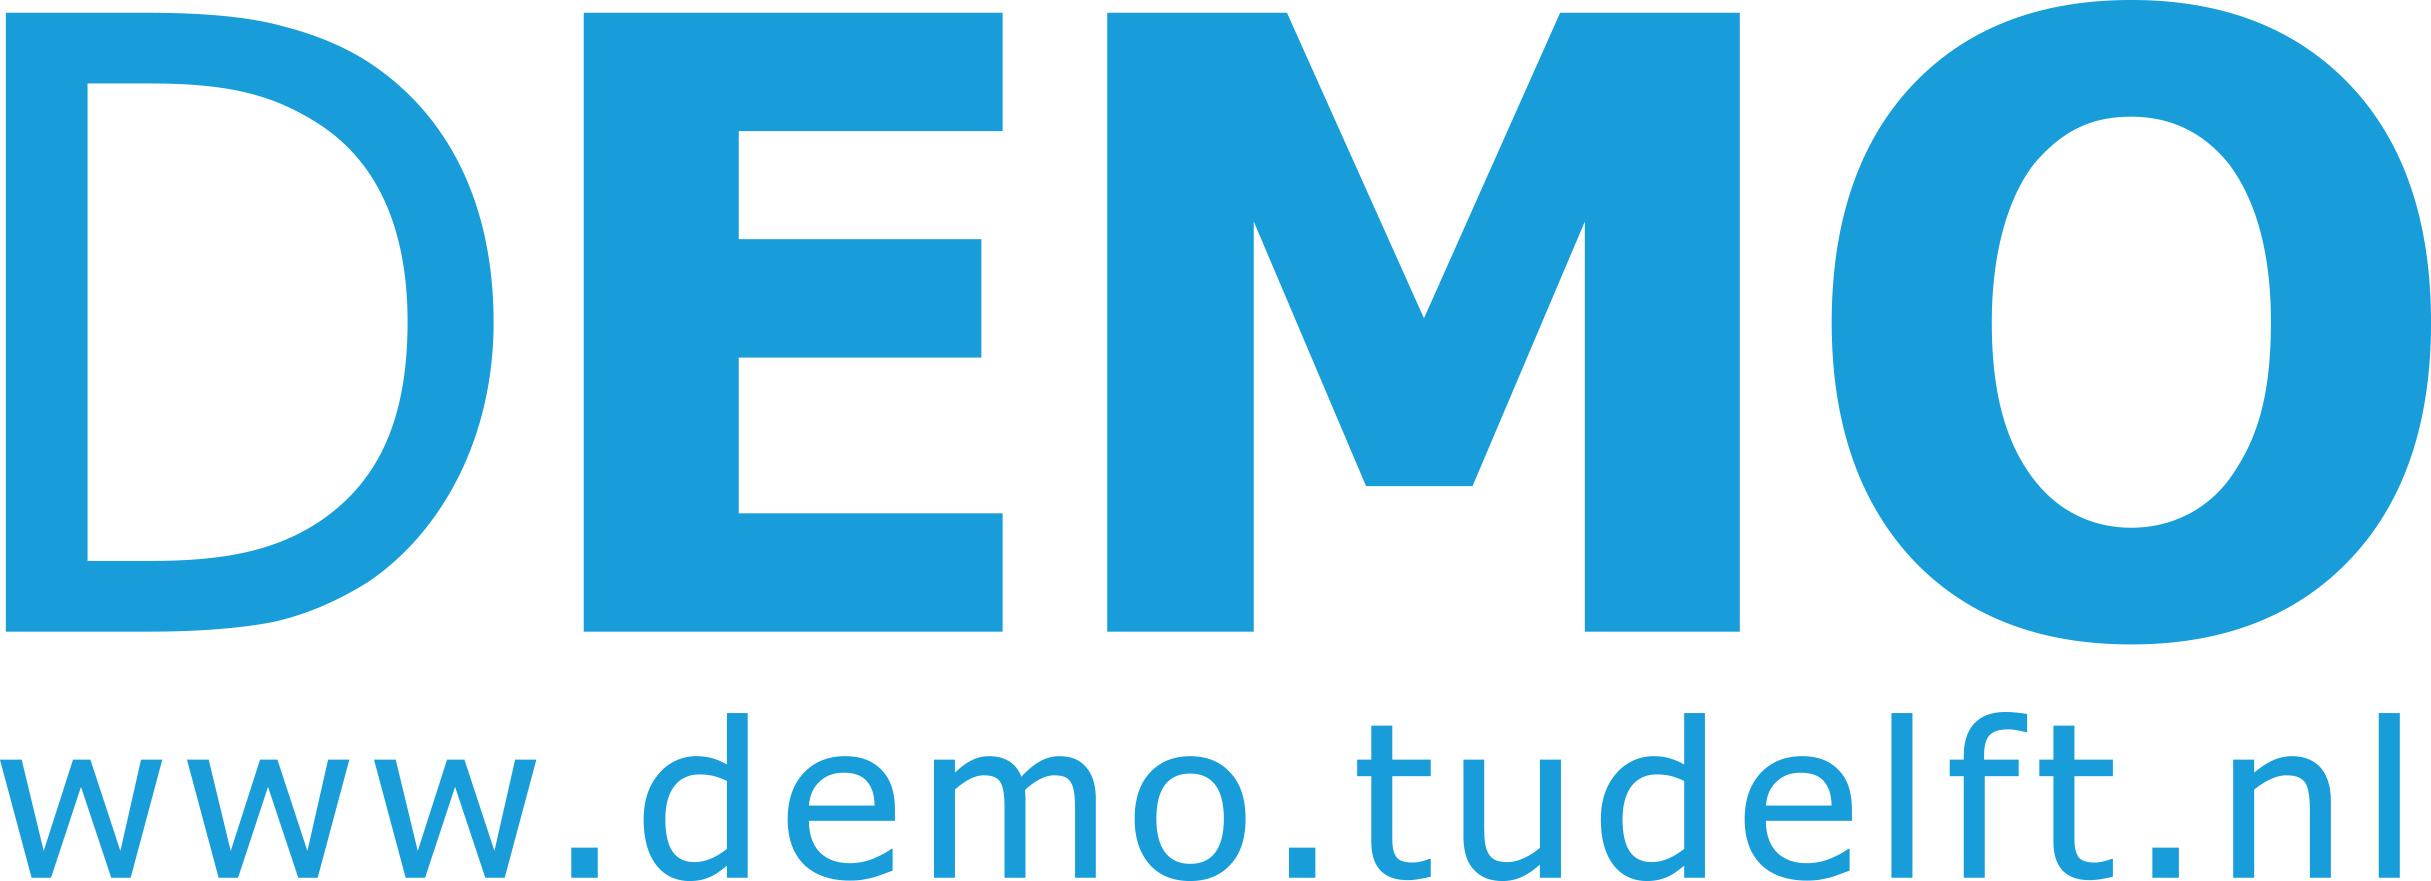 DEMO_logo_blauw_hoge_resolutie.jpg